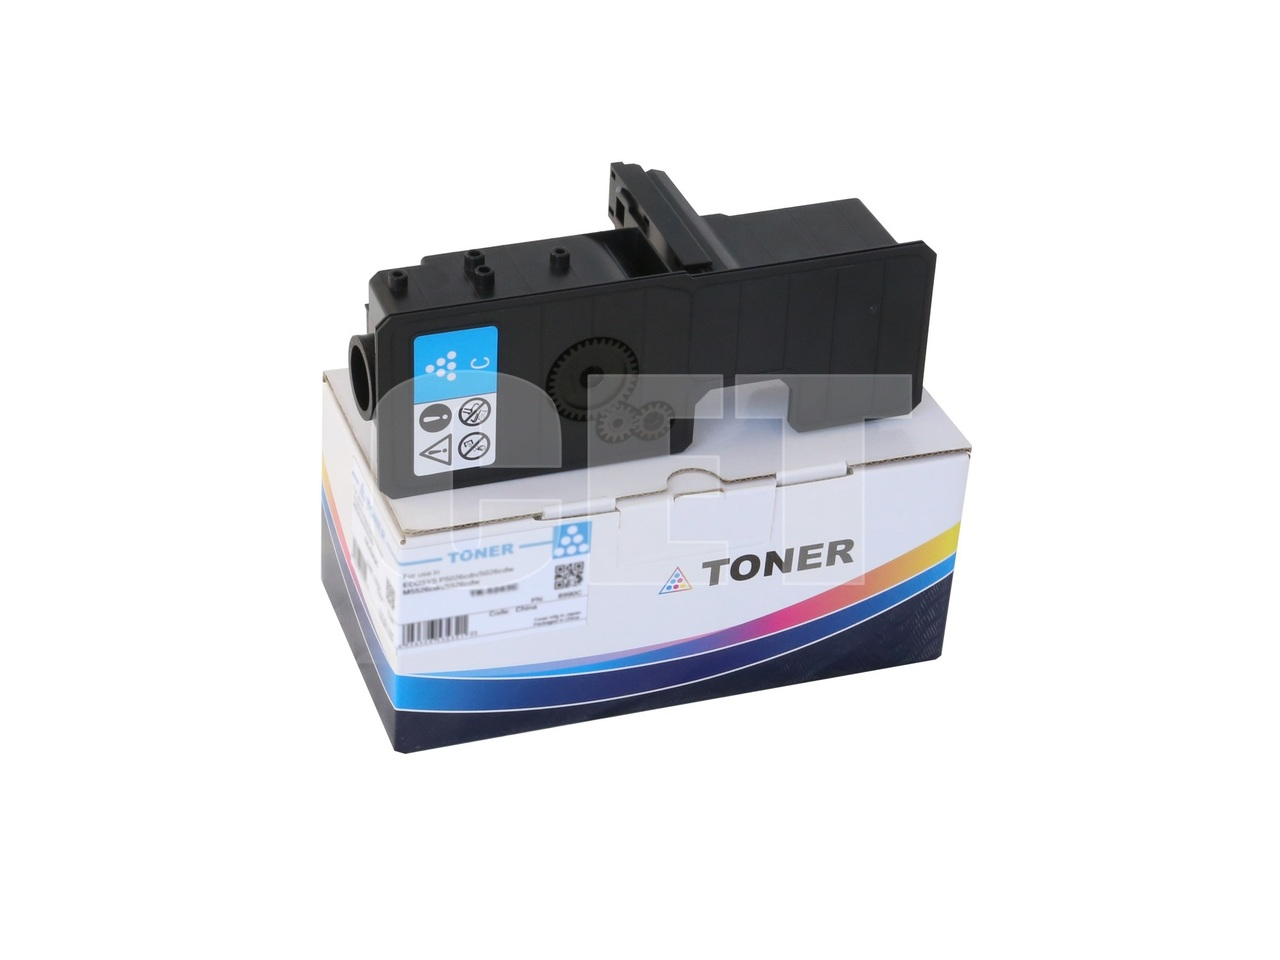 Тонер-картридж (PK208) TK-5230C для KYOCERA ECOSYSP5021cdn/M5521cdn (CET) Cyan, 33г, 2200 стр., CET8995C